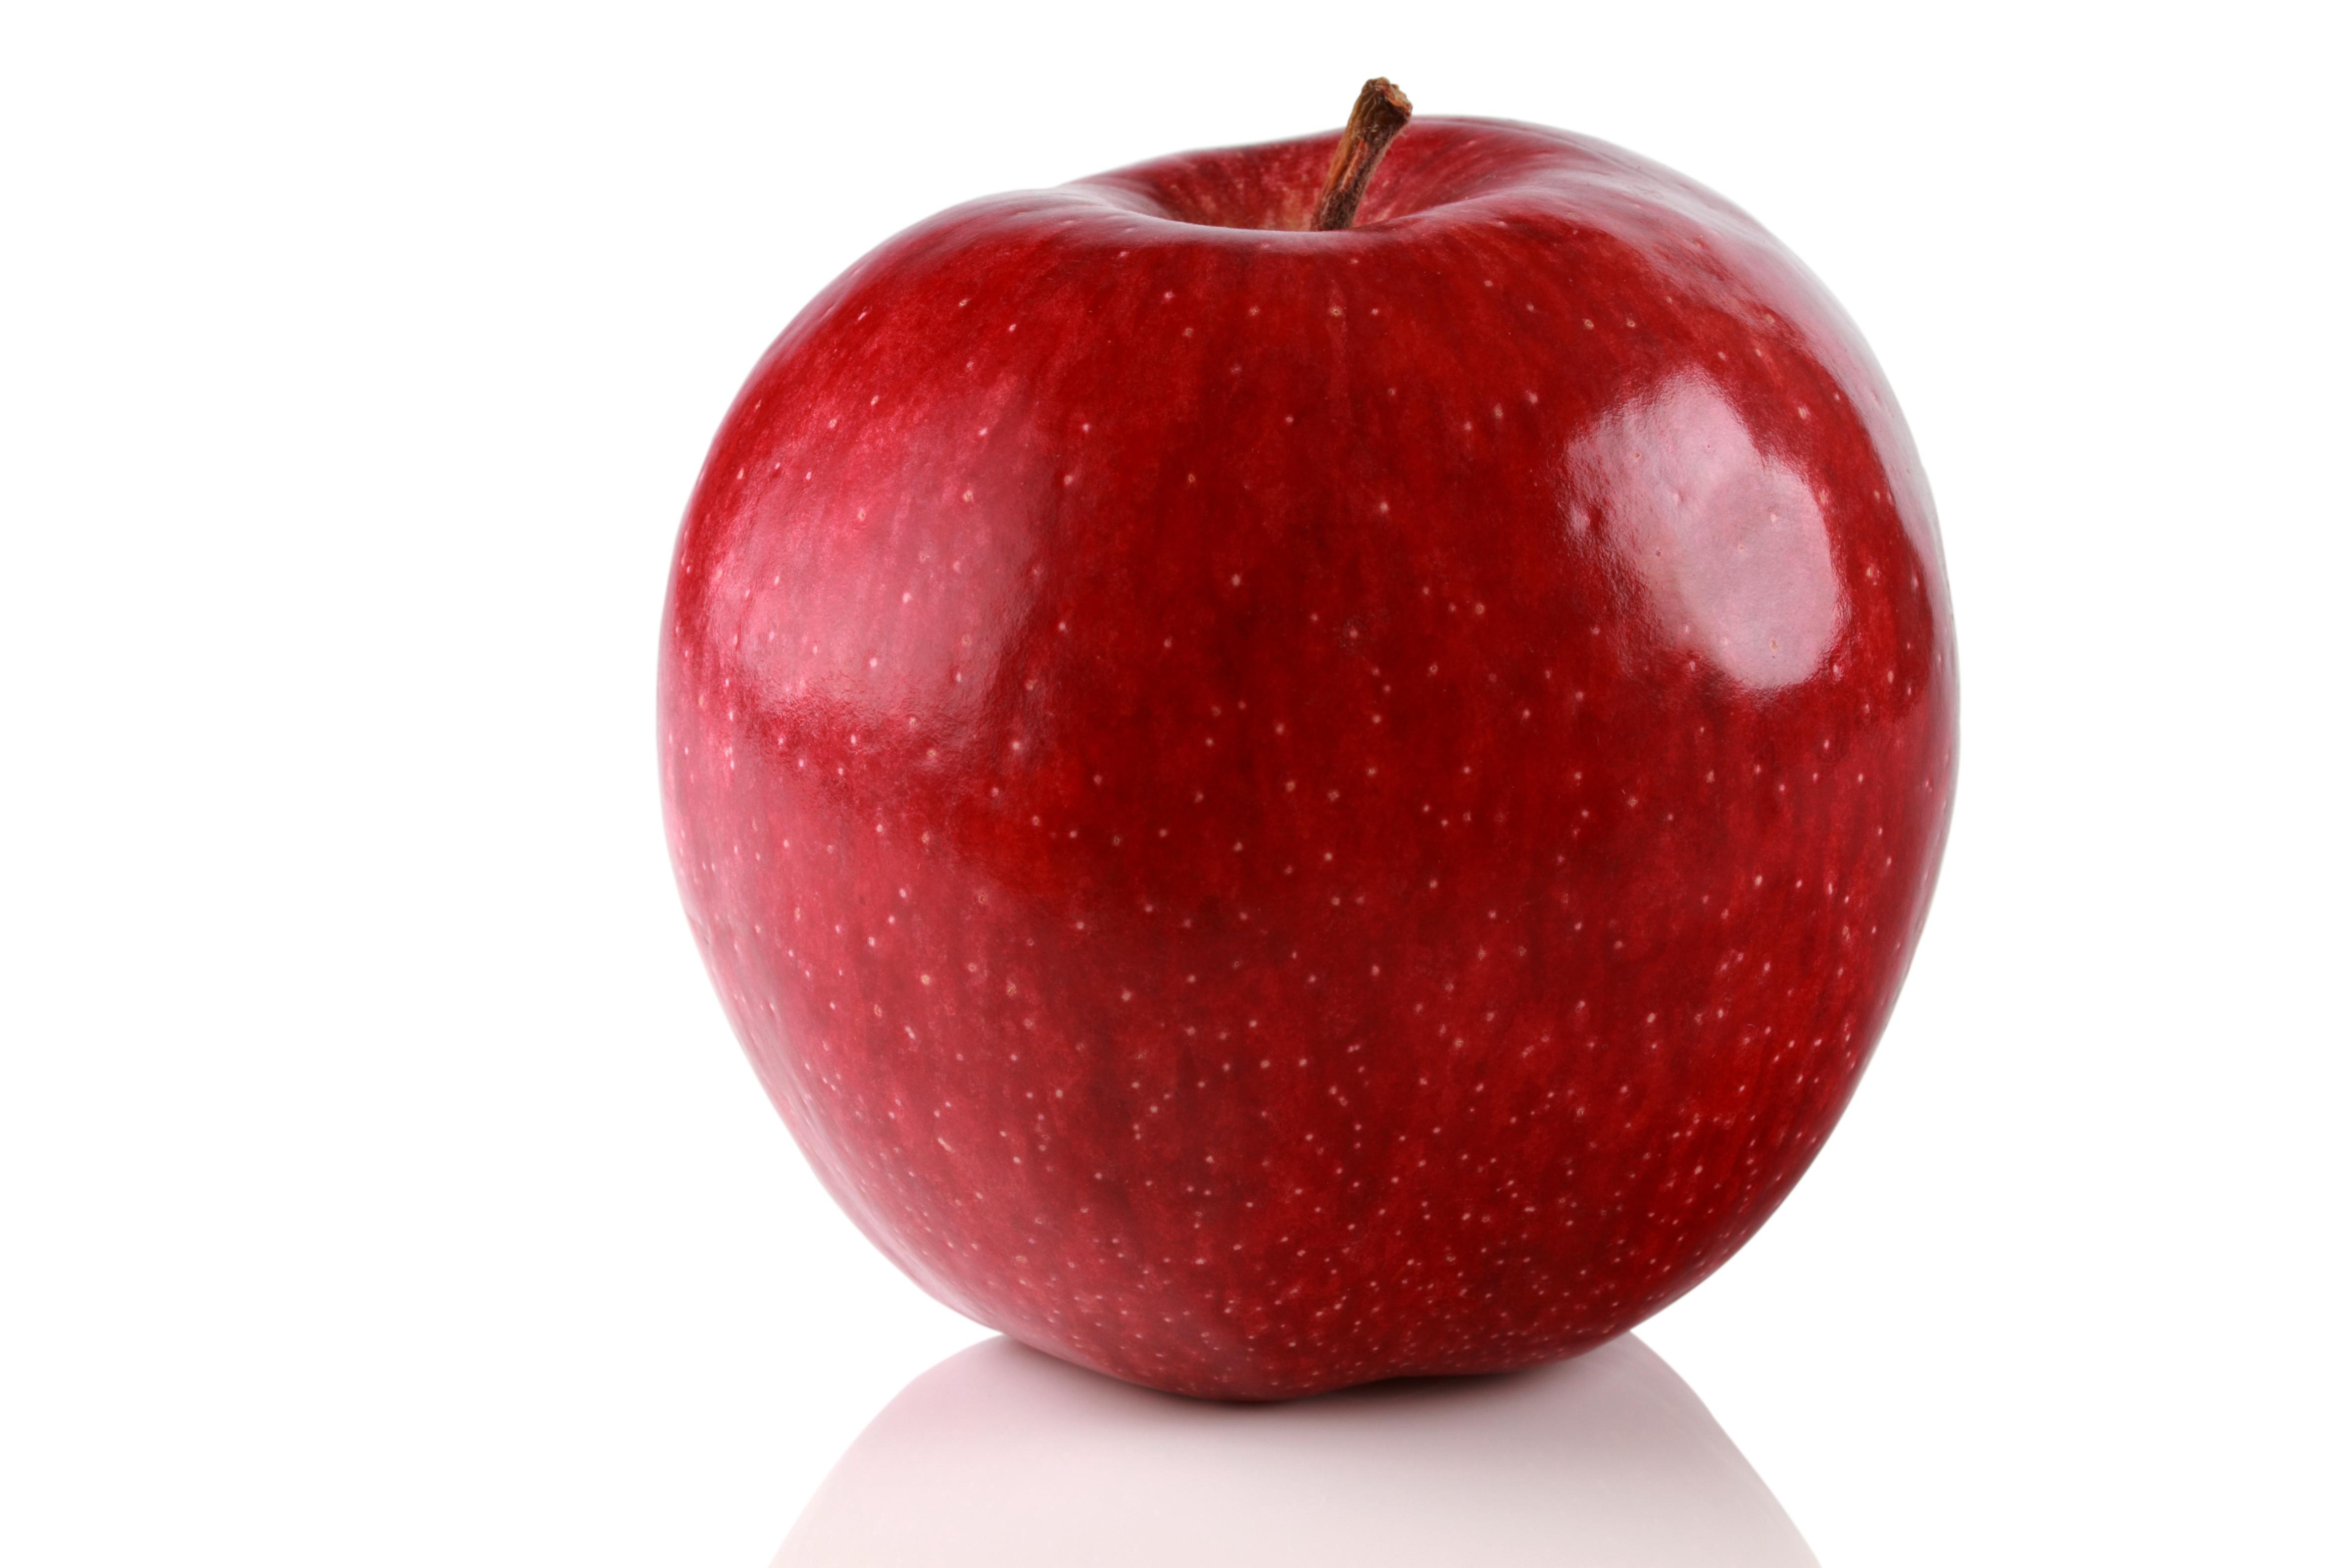 「你好可爱,脸都像苹果一样红通通的!